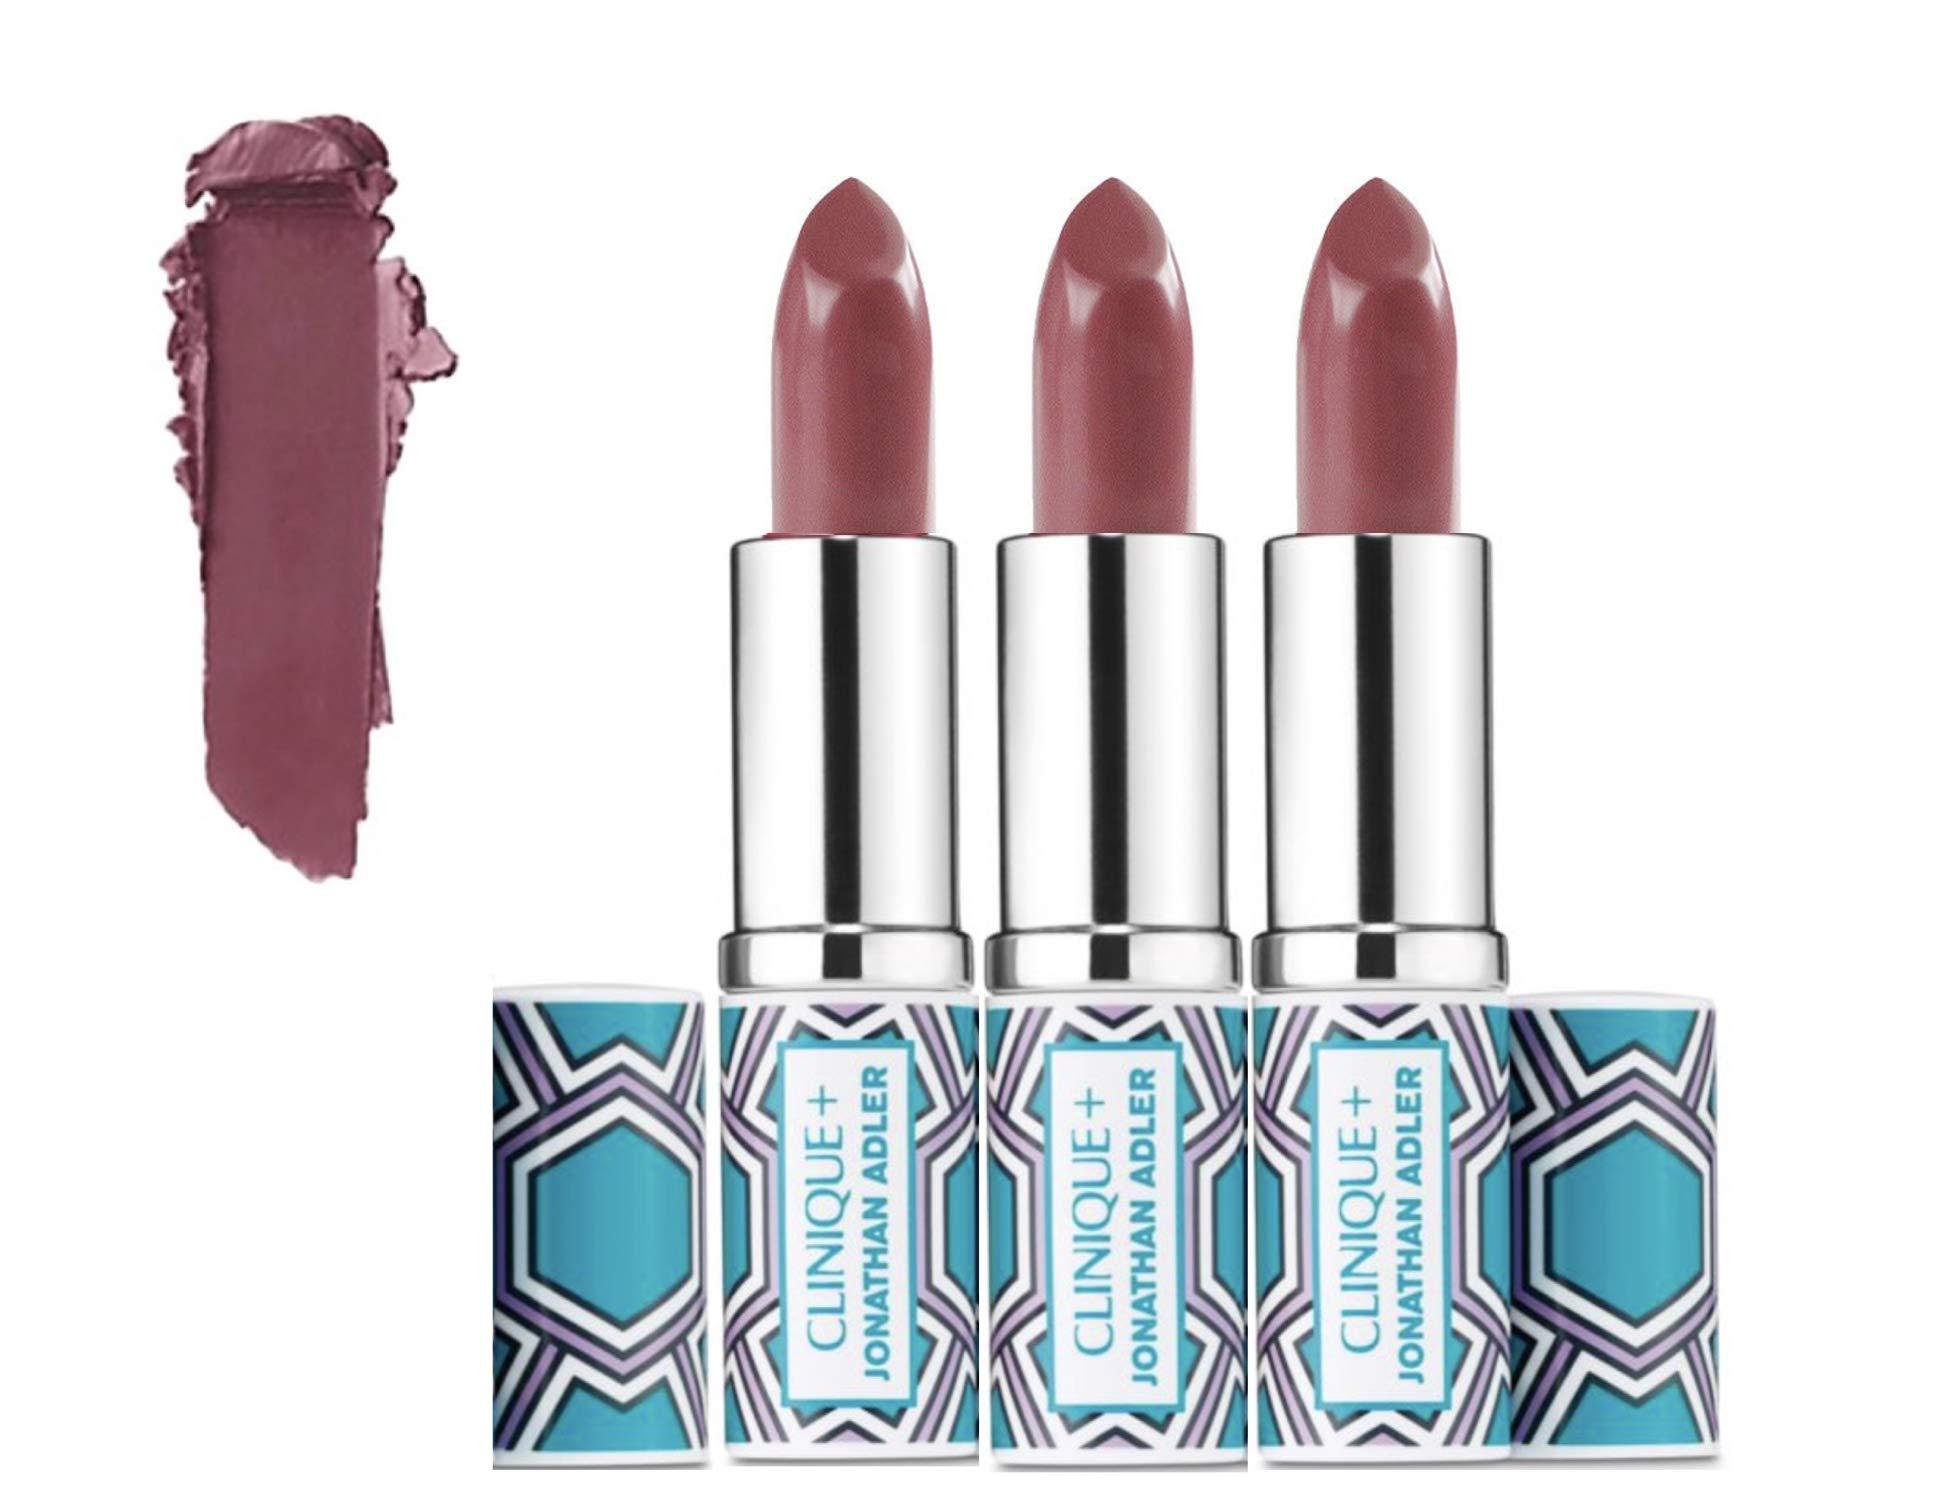 Lot 3 x Clinique Pop Lip Colour +Primer Rouge Intense + Base #14 Plum Pop unbox Travel Size 0.13 oz each total 0.39oz by Clinique